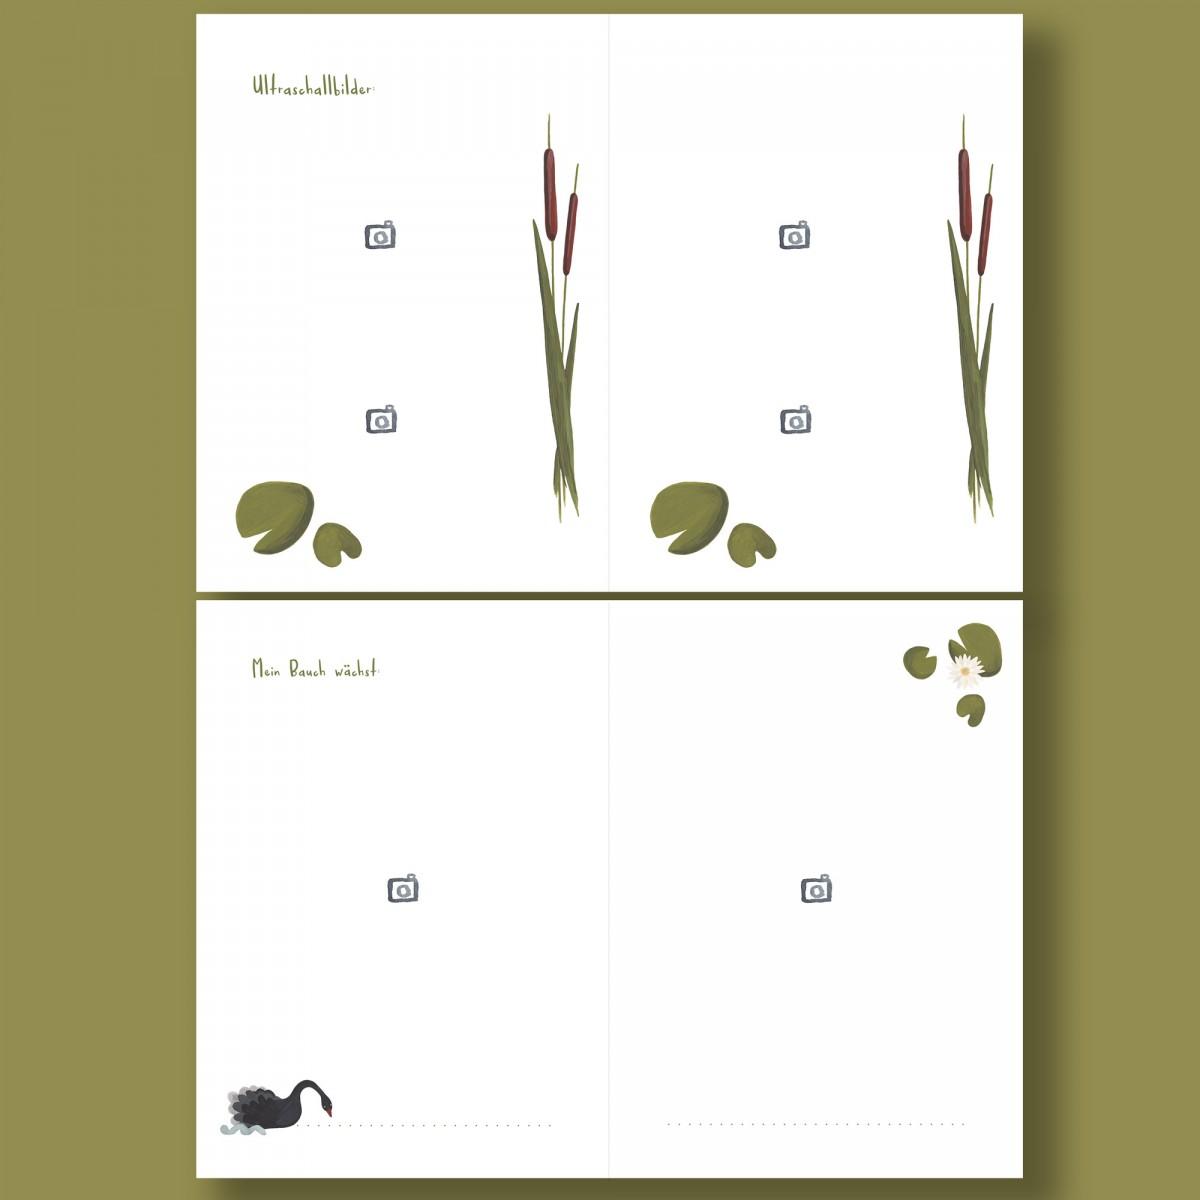 Schwangerschaftstagebuch - 9 Monate - Zwillinge - Schwan - Elliet